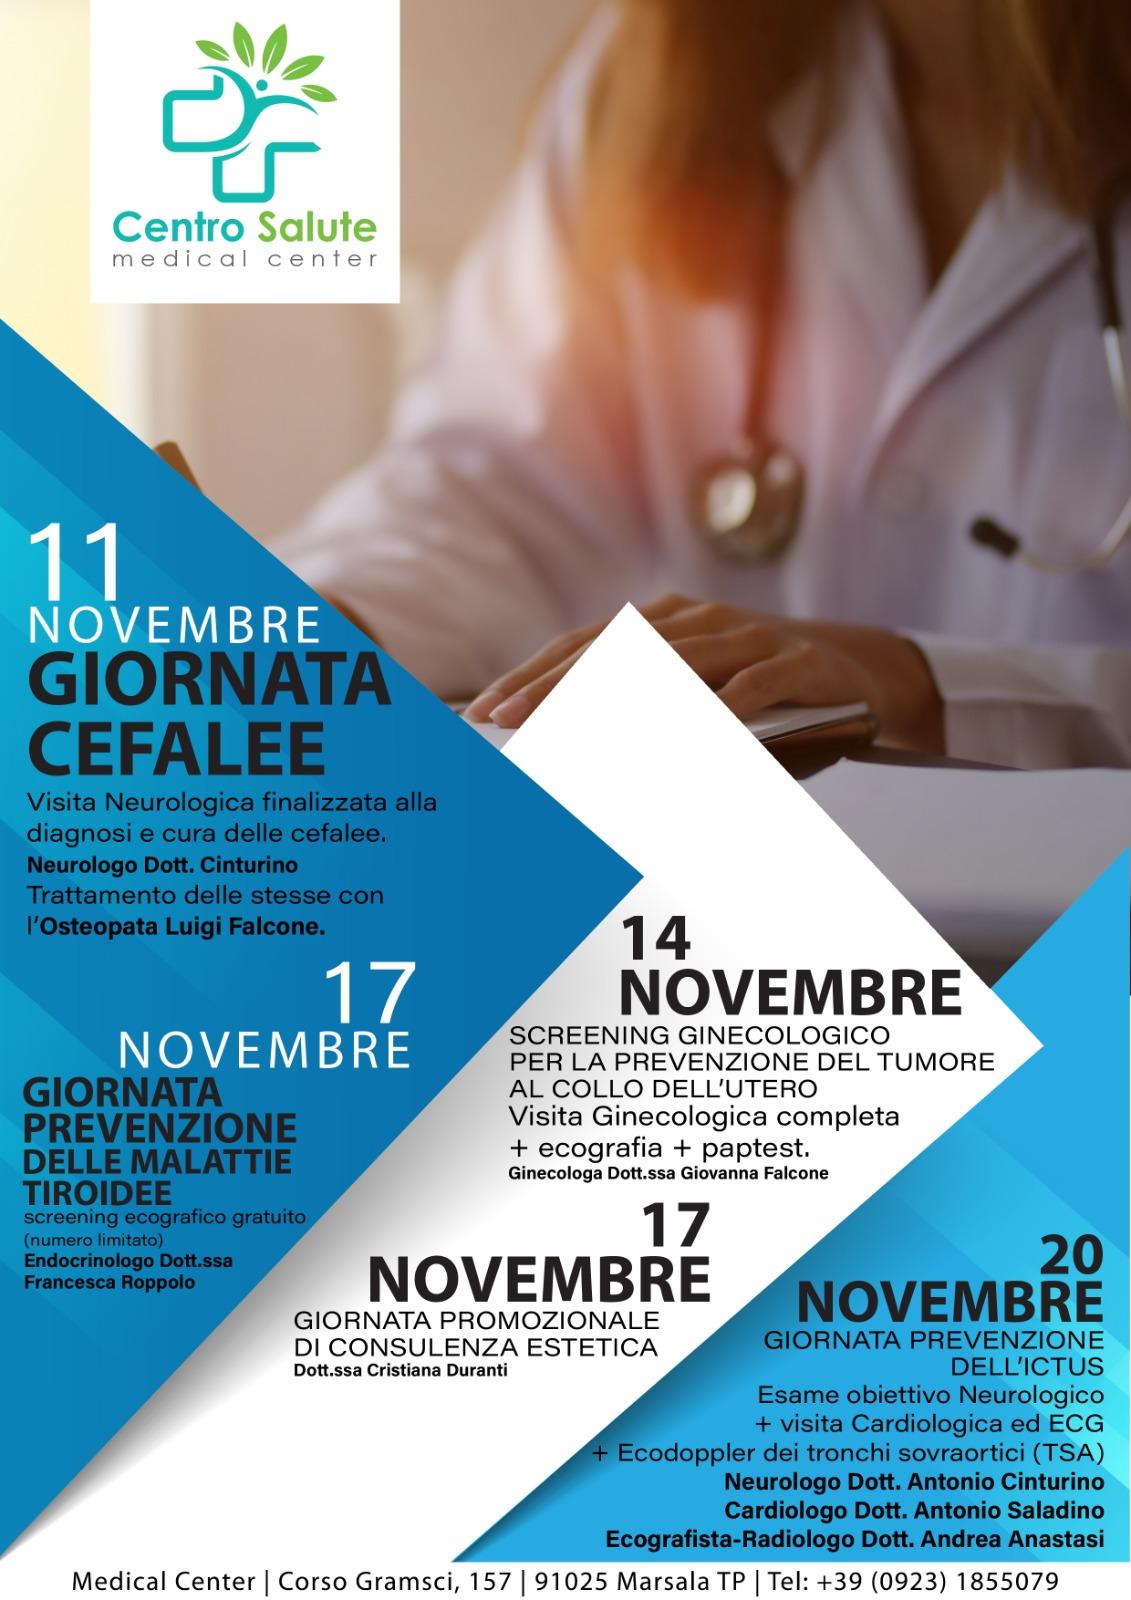 Centro Salute Ortopedia E Medical Center Giornate Dedicate Alla Prevenzione Tp24 It